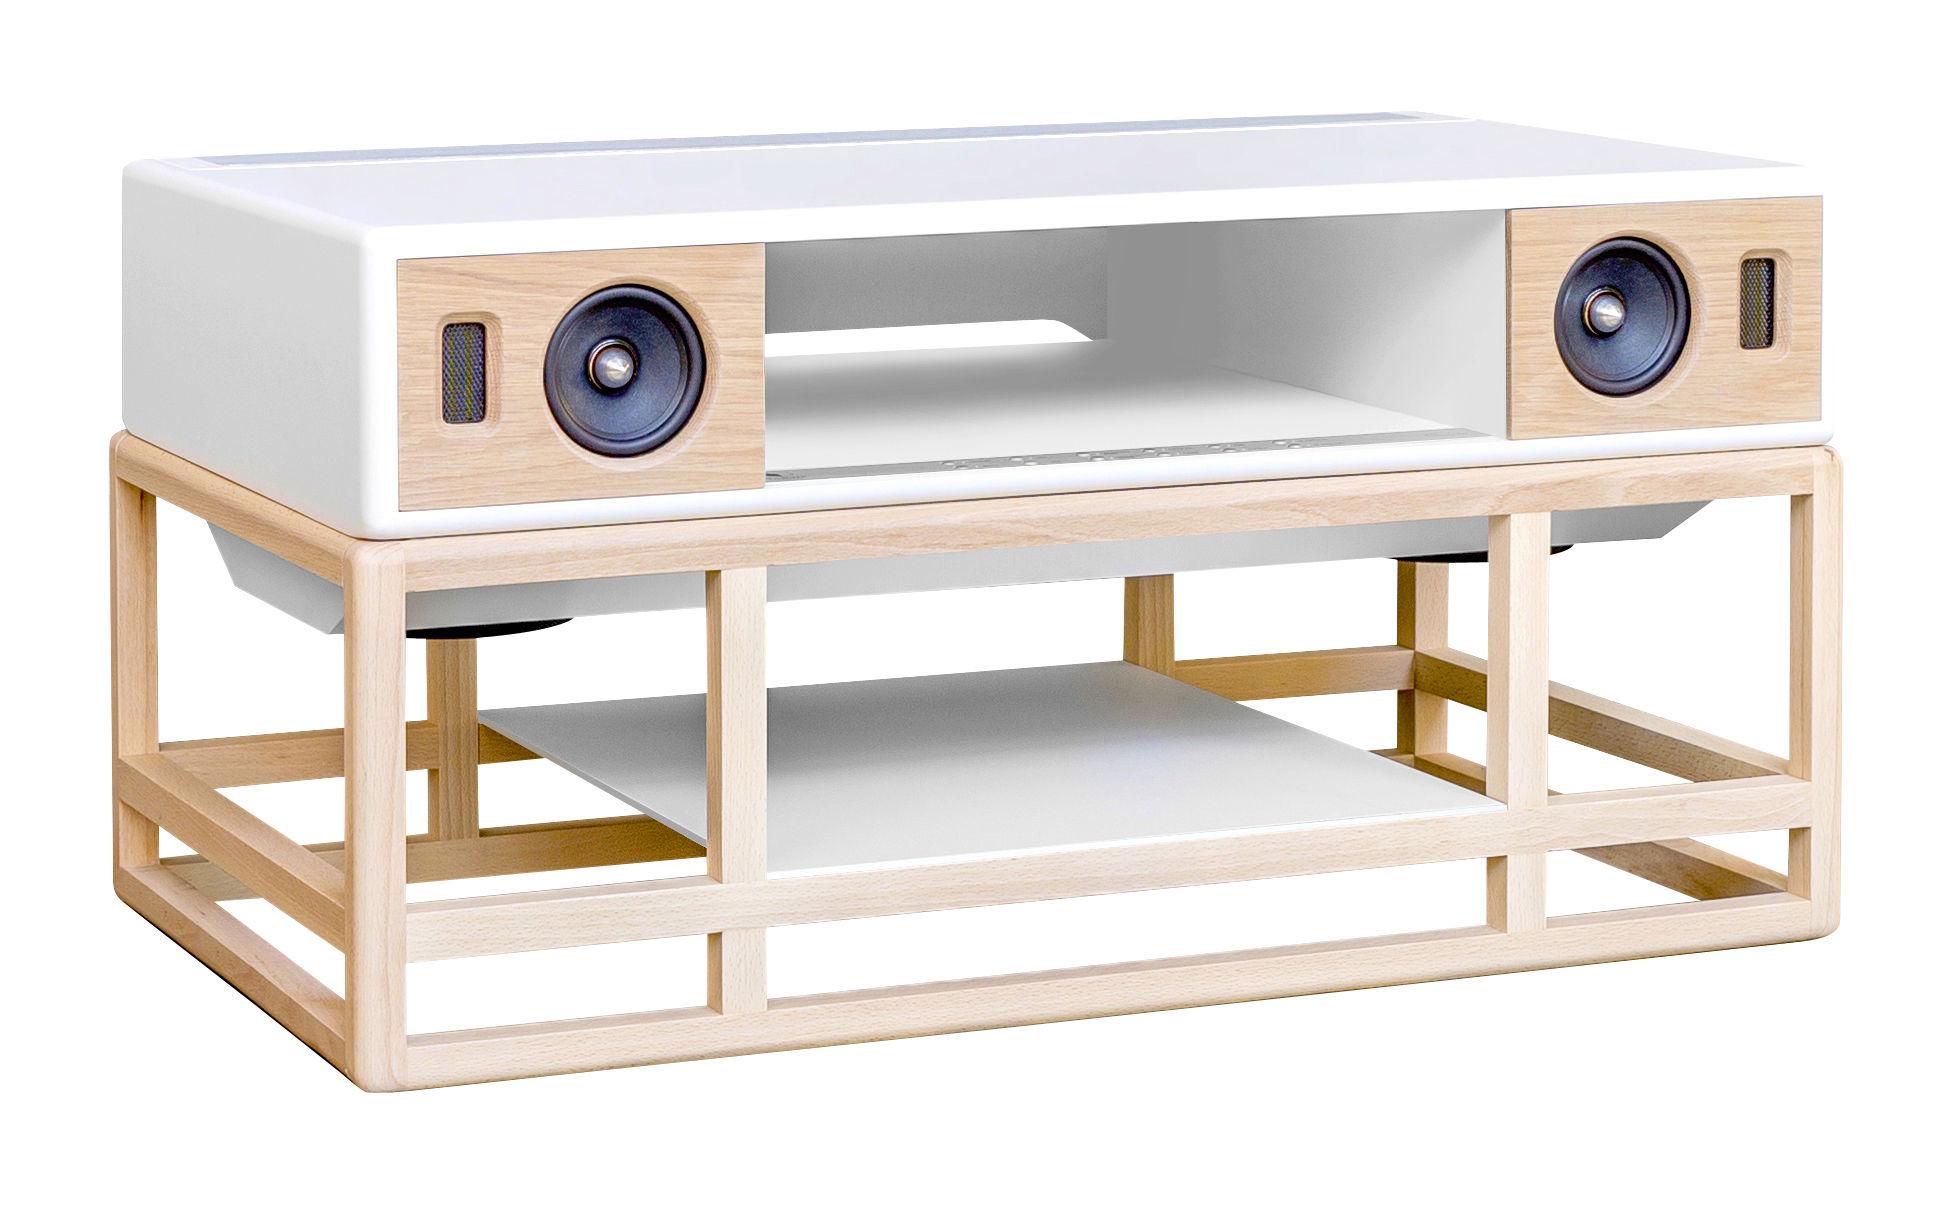 aktion - Made in Frankreich - AP 160 TV Möbel / HiFi-Lautsprecherbox - Bluetooth - La Boîte Concept - Eiche natur / weiß (matt) - lackiertes Holz, massive Eiche